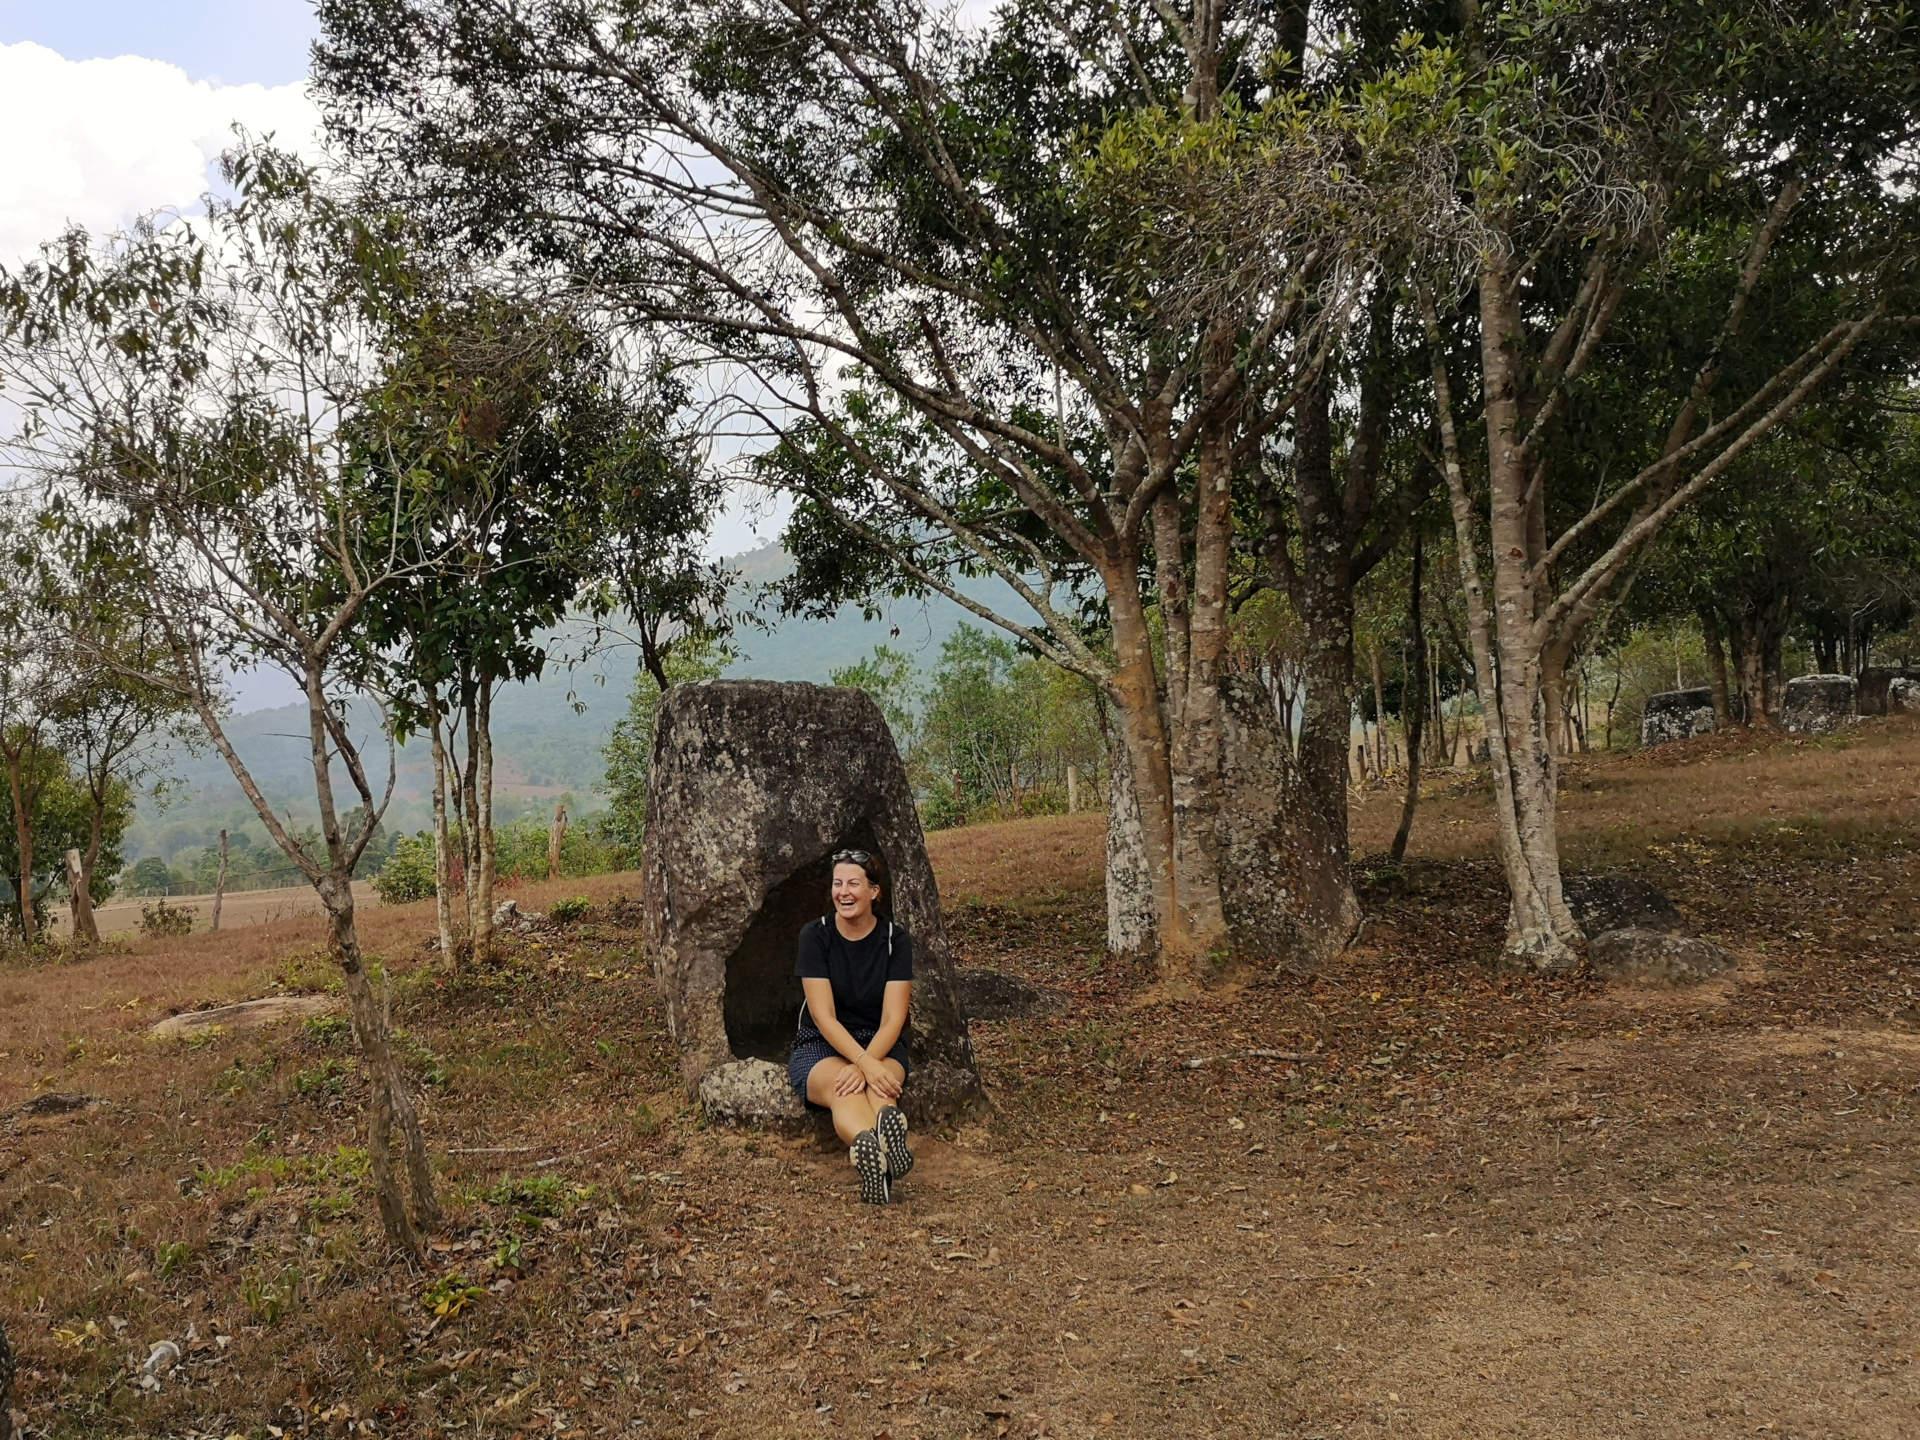 Sechs Monate in Thailand als Tauchlehrerin haben mir ein ganz neues Körpergefühl gegeben. Reisen verändert. Wanderhunger